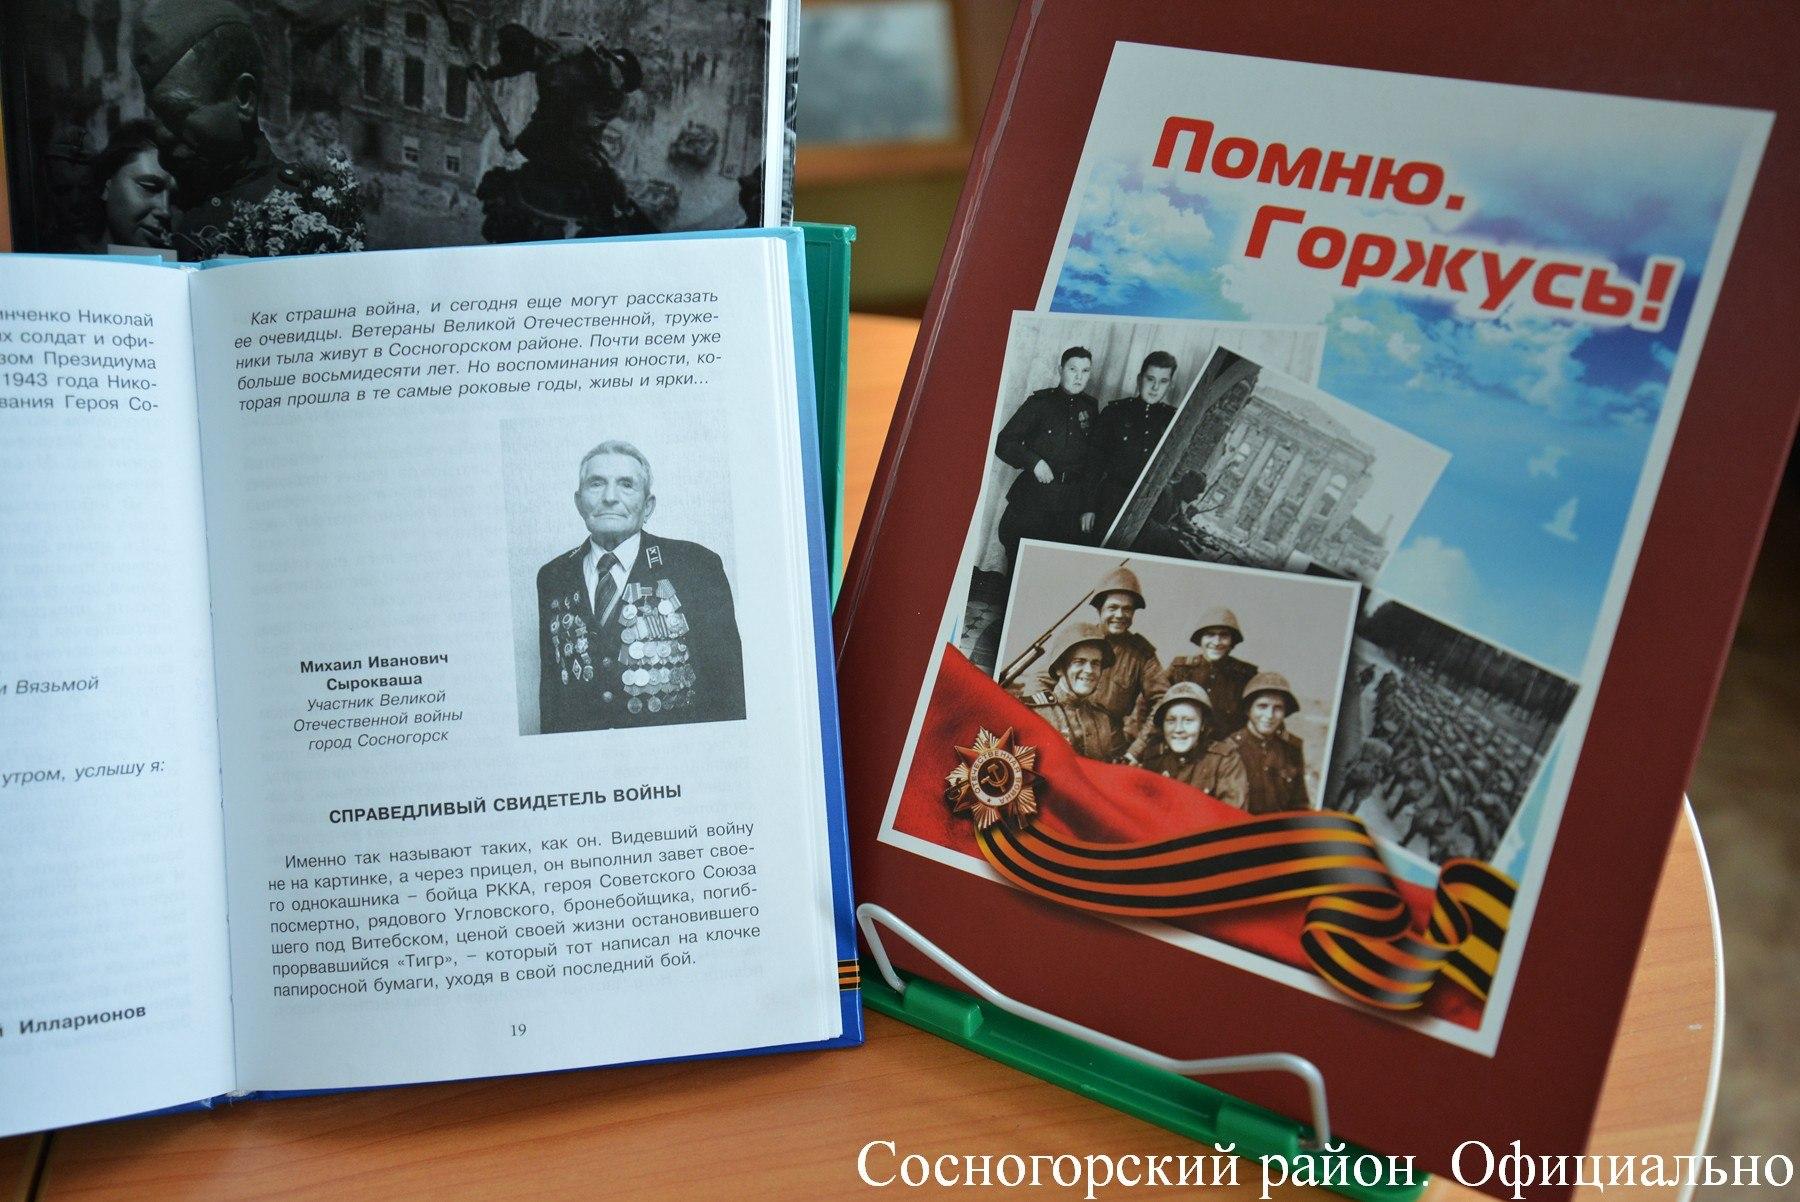 Vstrecha-s-Mihailom-Ivanovichem-Syrokvaschei-02.jpg